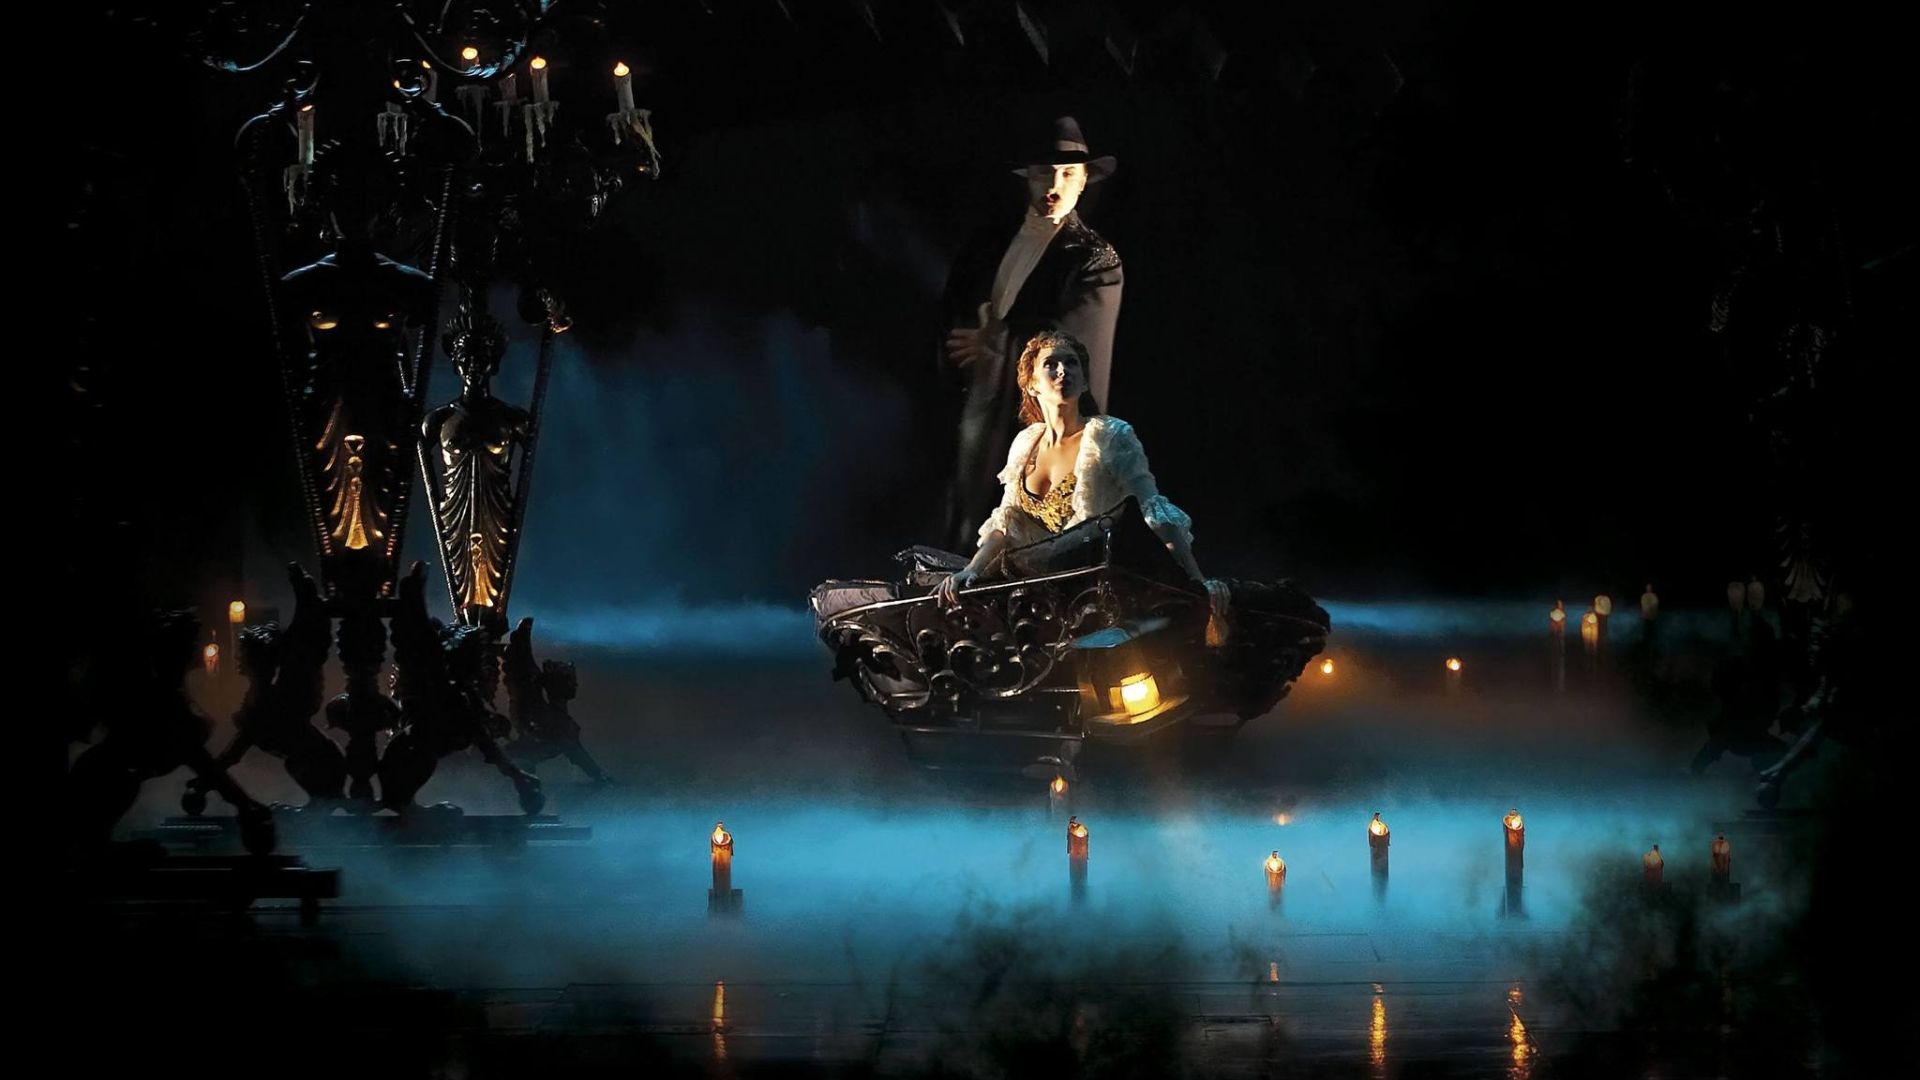 Music - The Phantom Of The Opera Dark Vampire Water Candle Opera Wallpaper